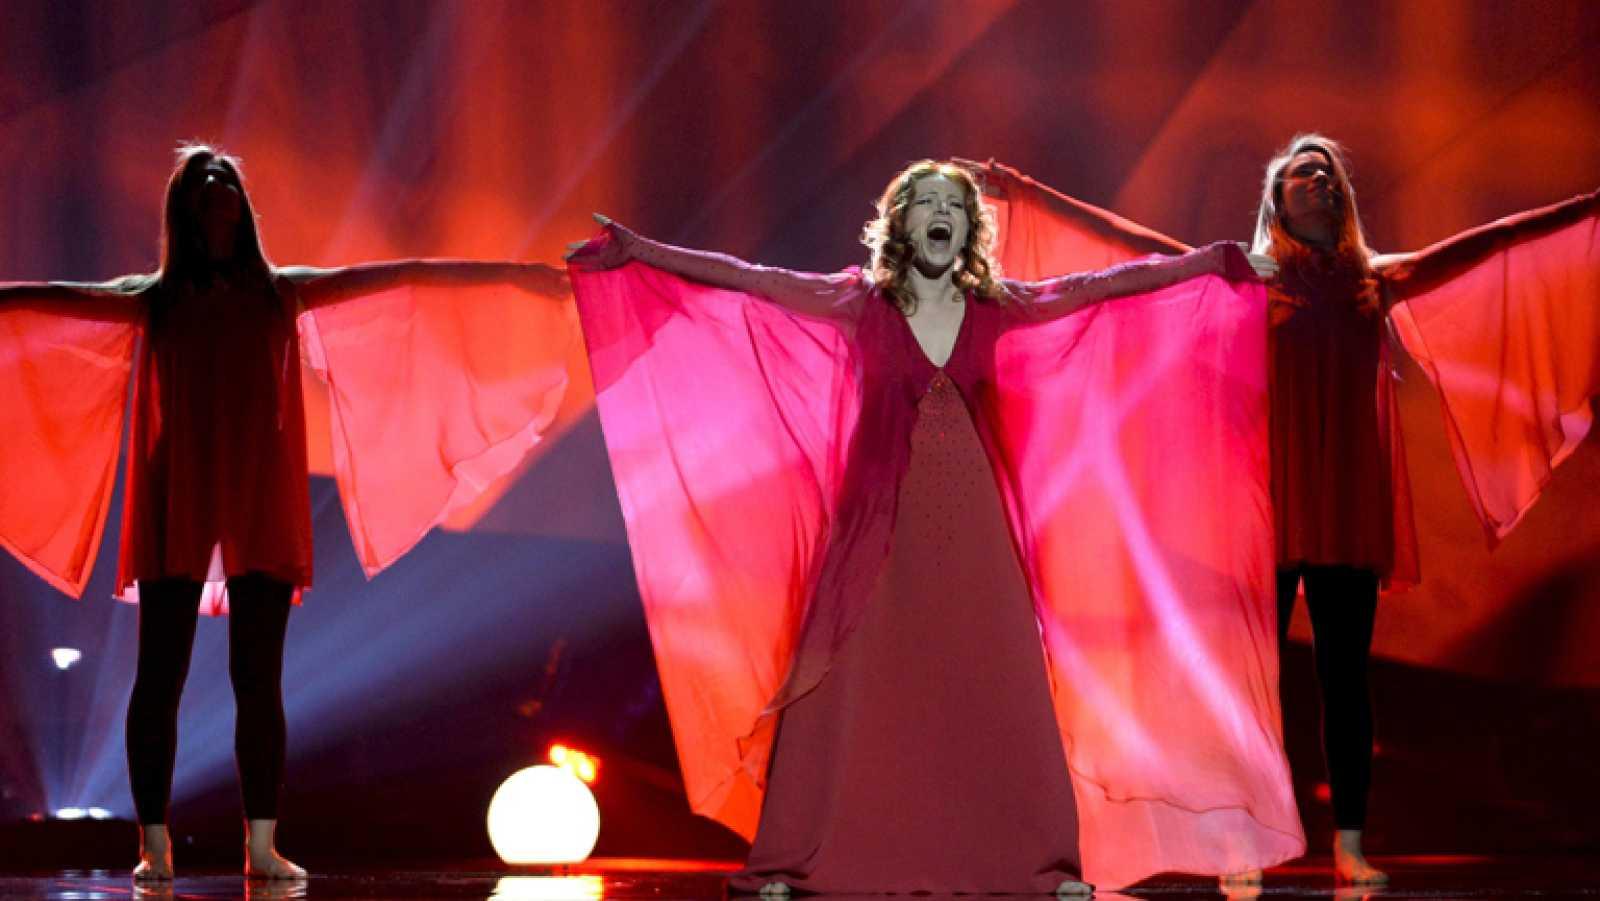 Segunda semifinal Eurovisión 2013 - San Marino